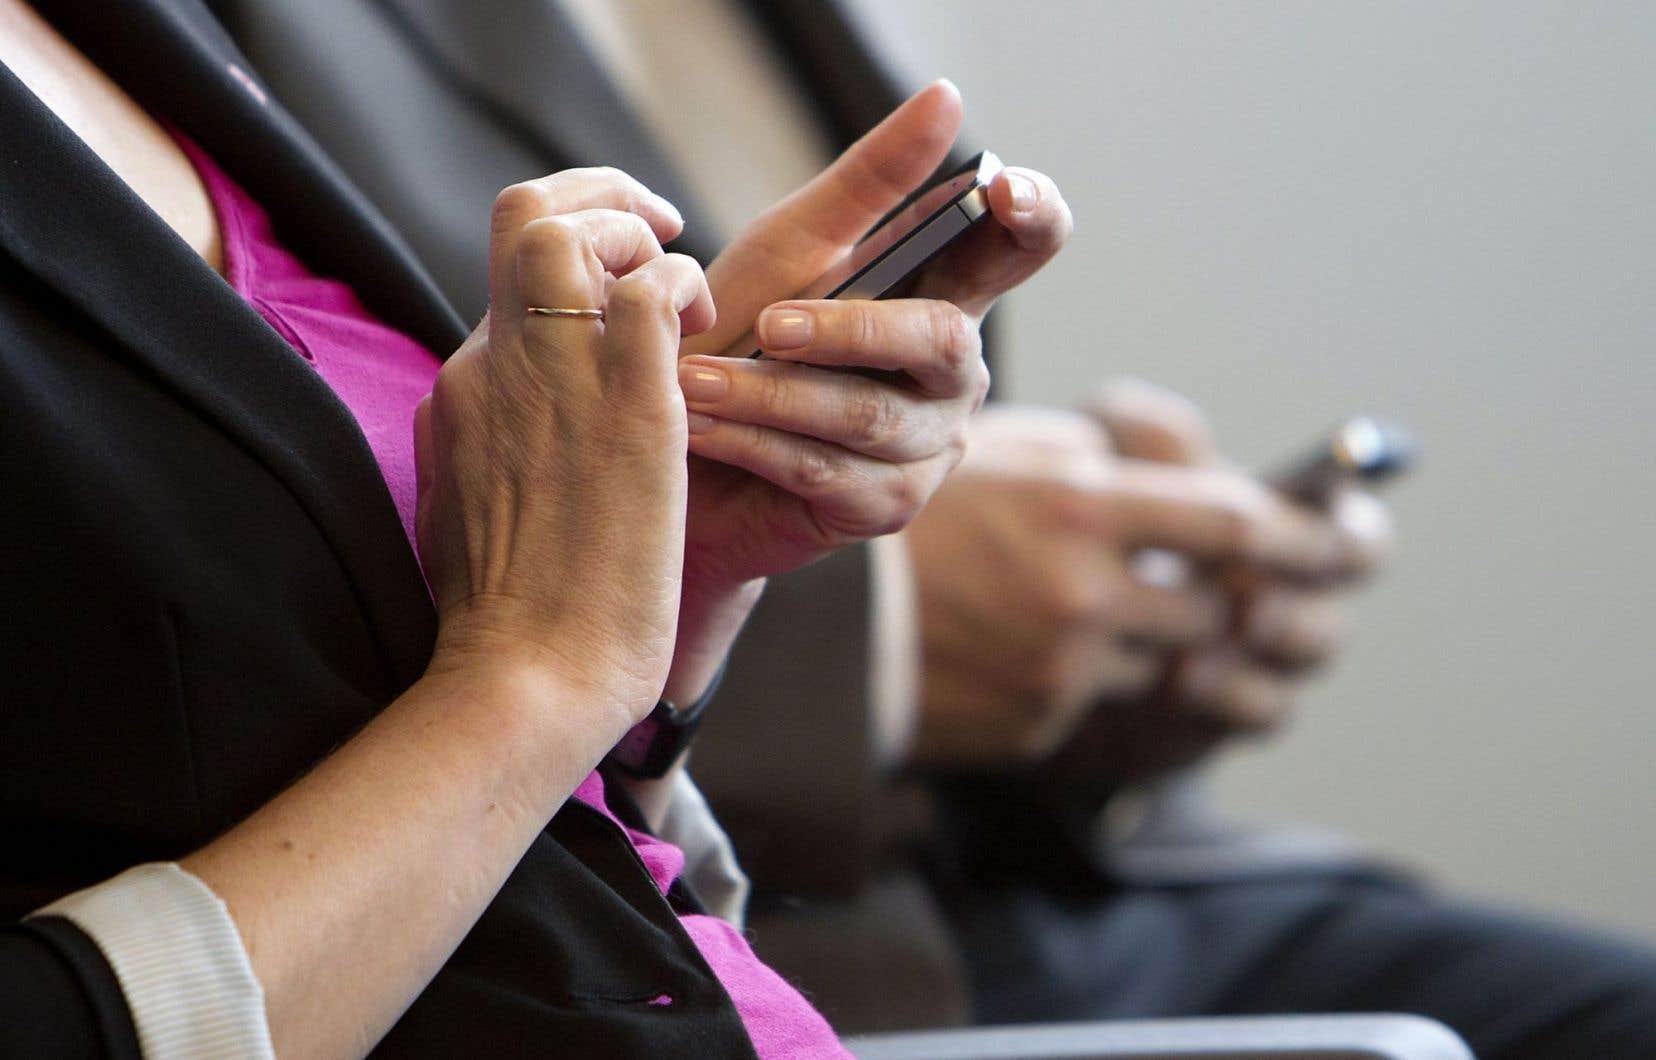 Les nouveaux joueurs sur le marché de l'investissement visent une clientèle âgée entre 25 et 45 ans qui va préférer texter que de rencontrer son conseiller financier.